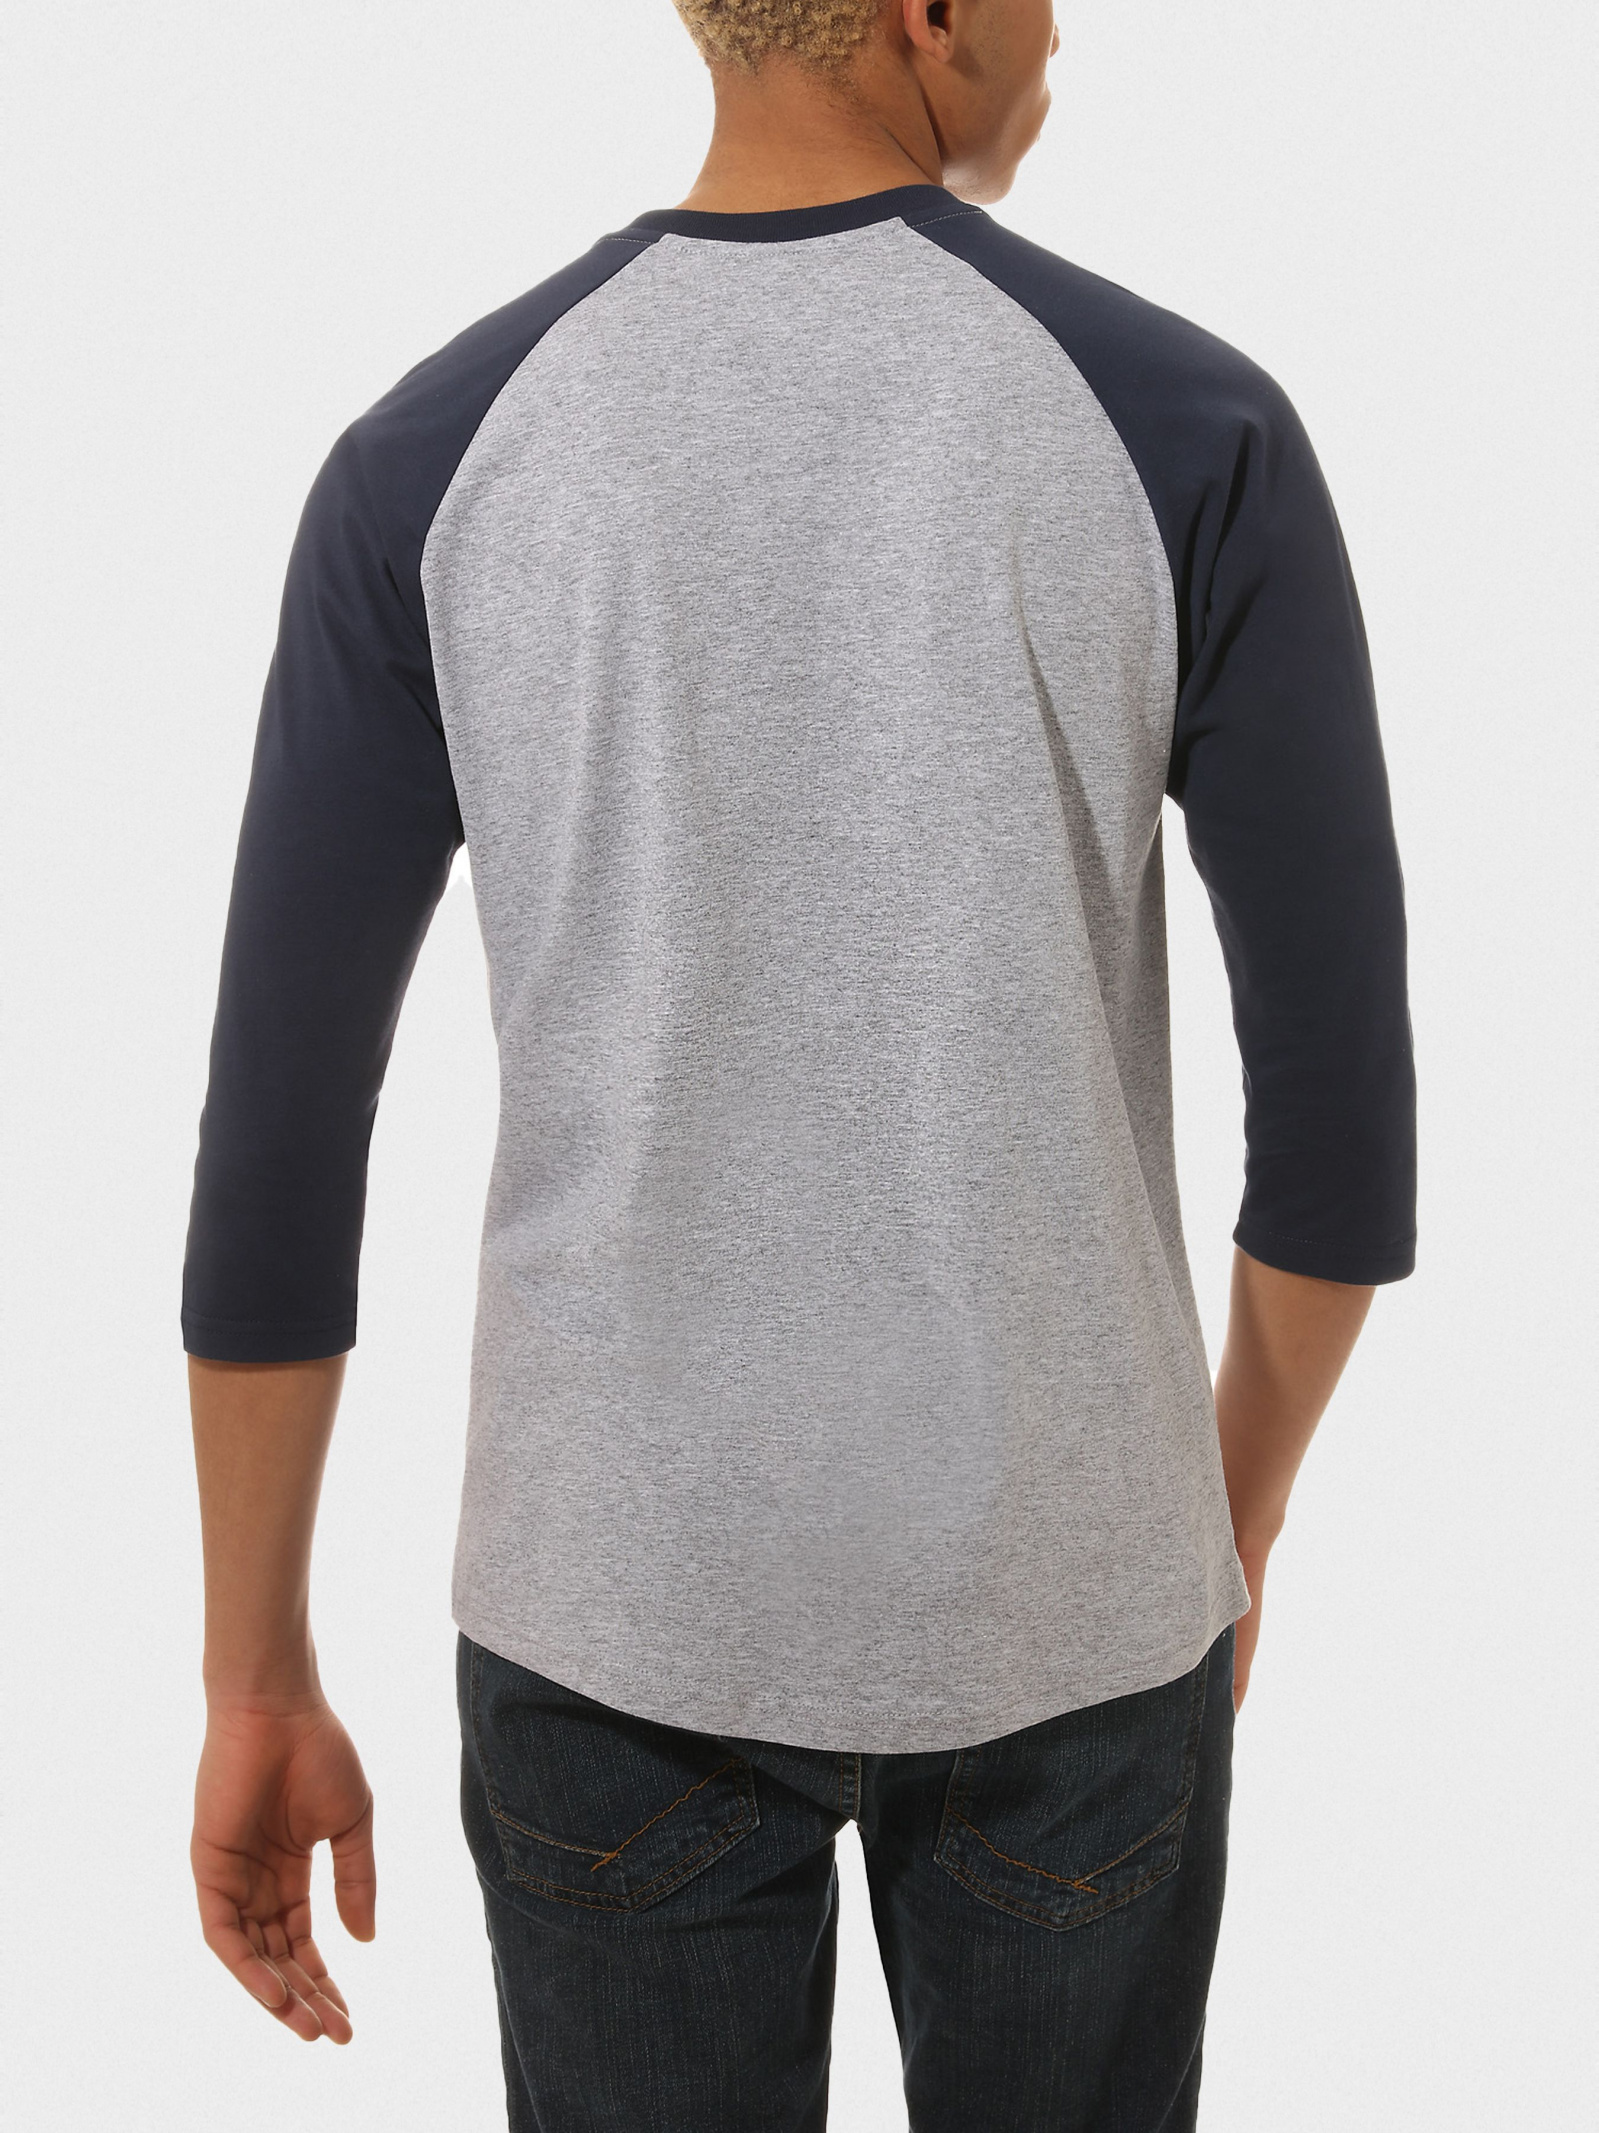 Vans Кофти та светри чоловічі модель VN000XXMKOO характеристики, 2017